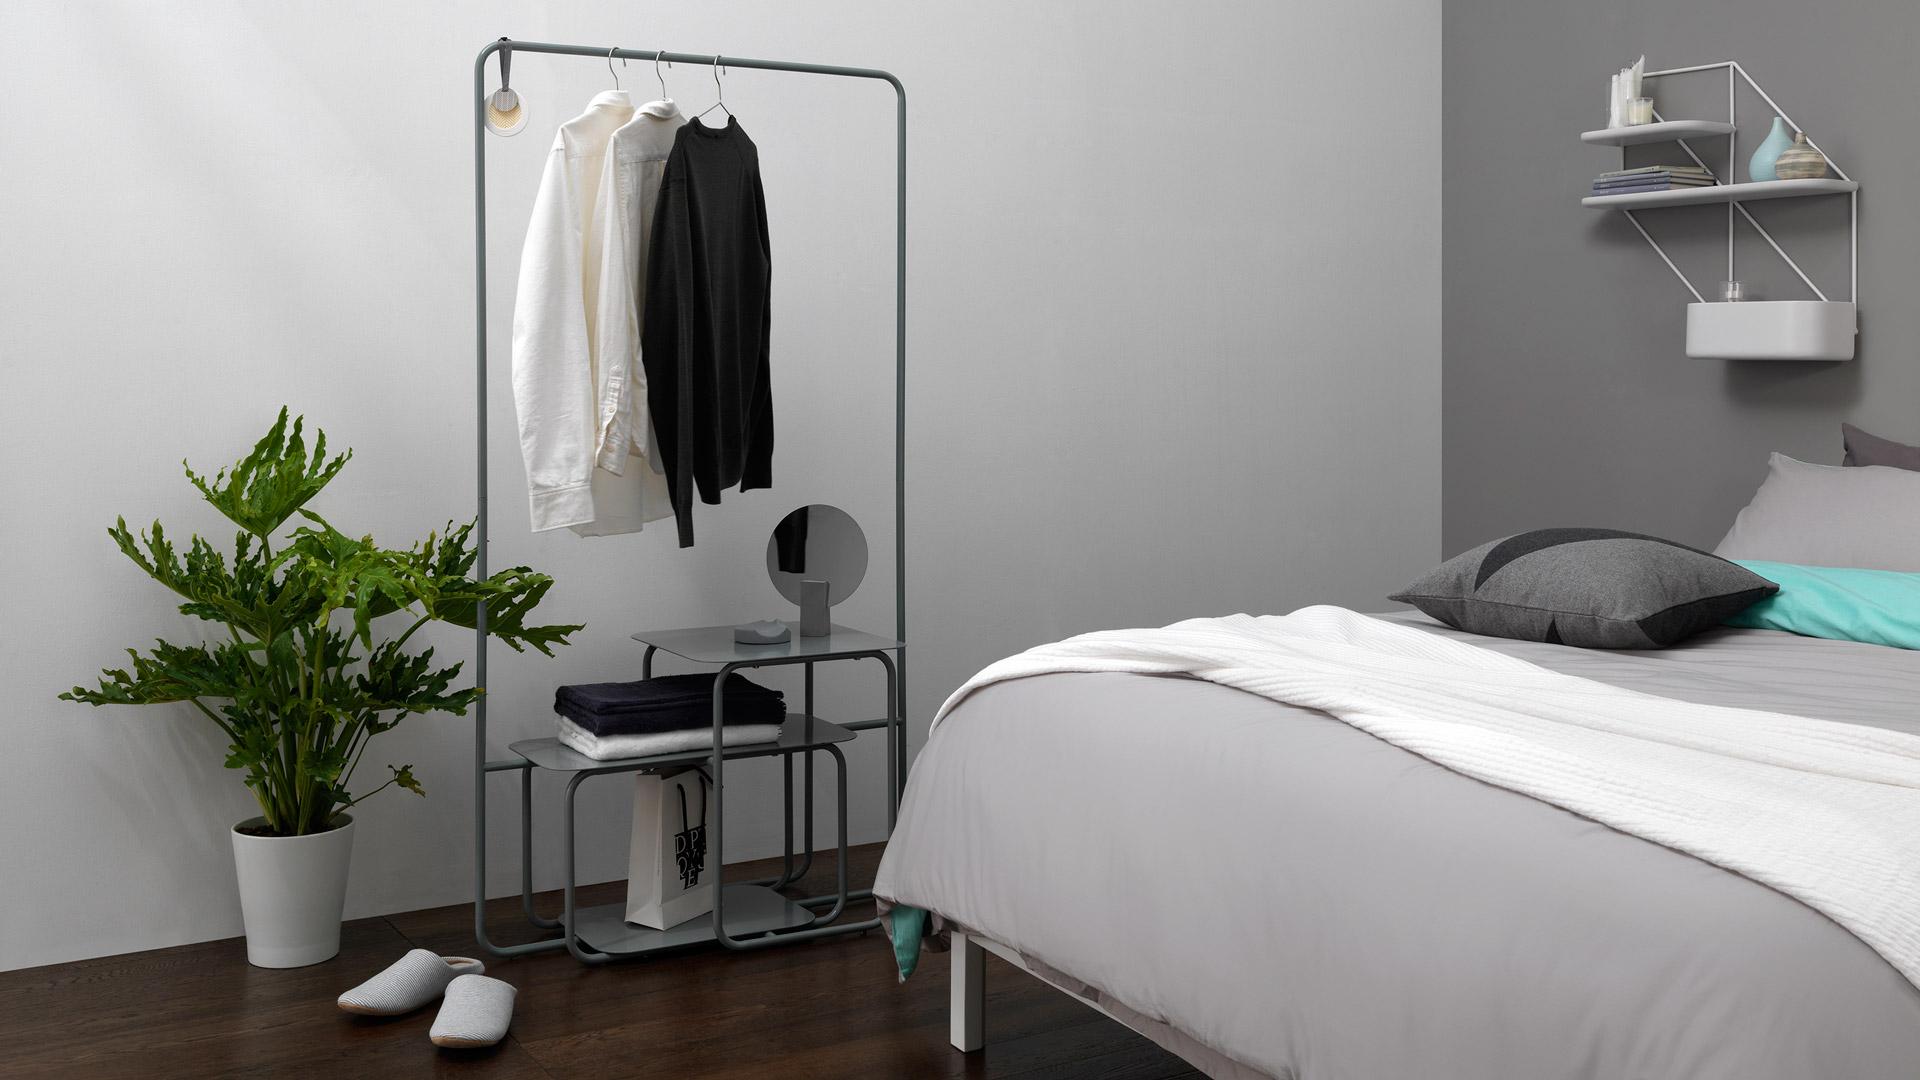 应季衣物和轻薄床品的高频更换区,随手取放的快捷有序,给卧室一道通透的几何线。?x-oss-process=image/format,jpg/interlace,1